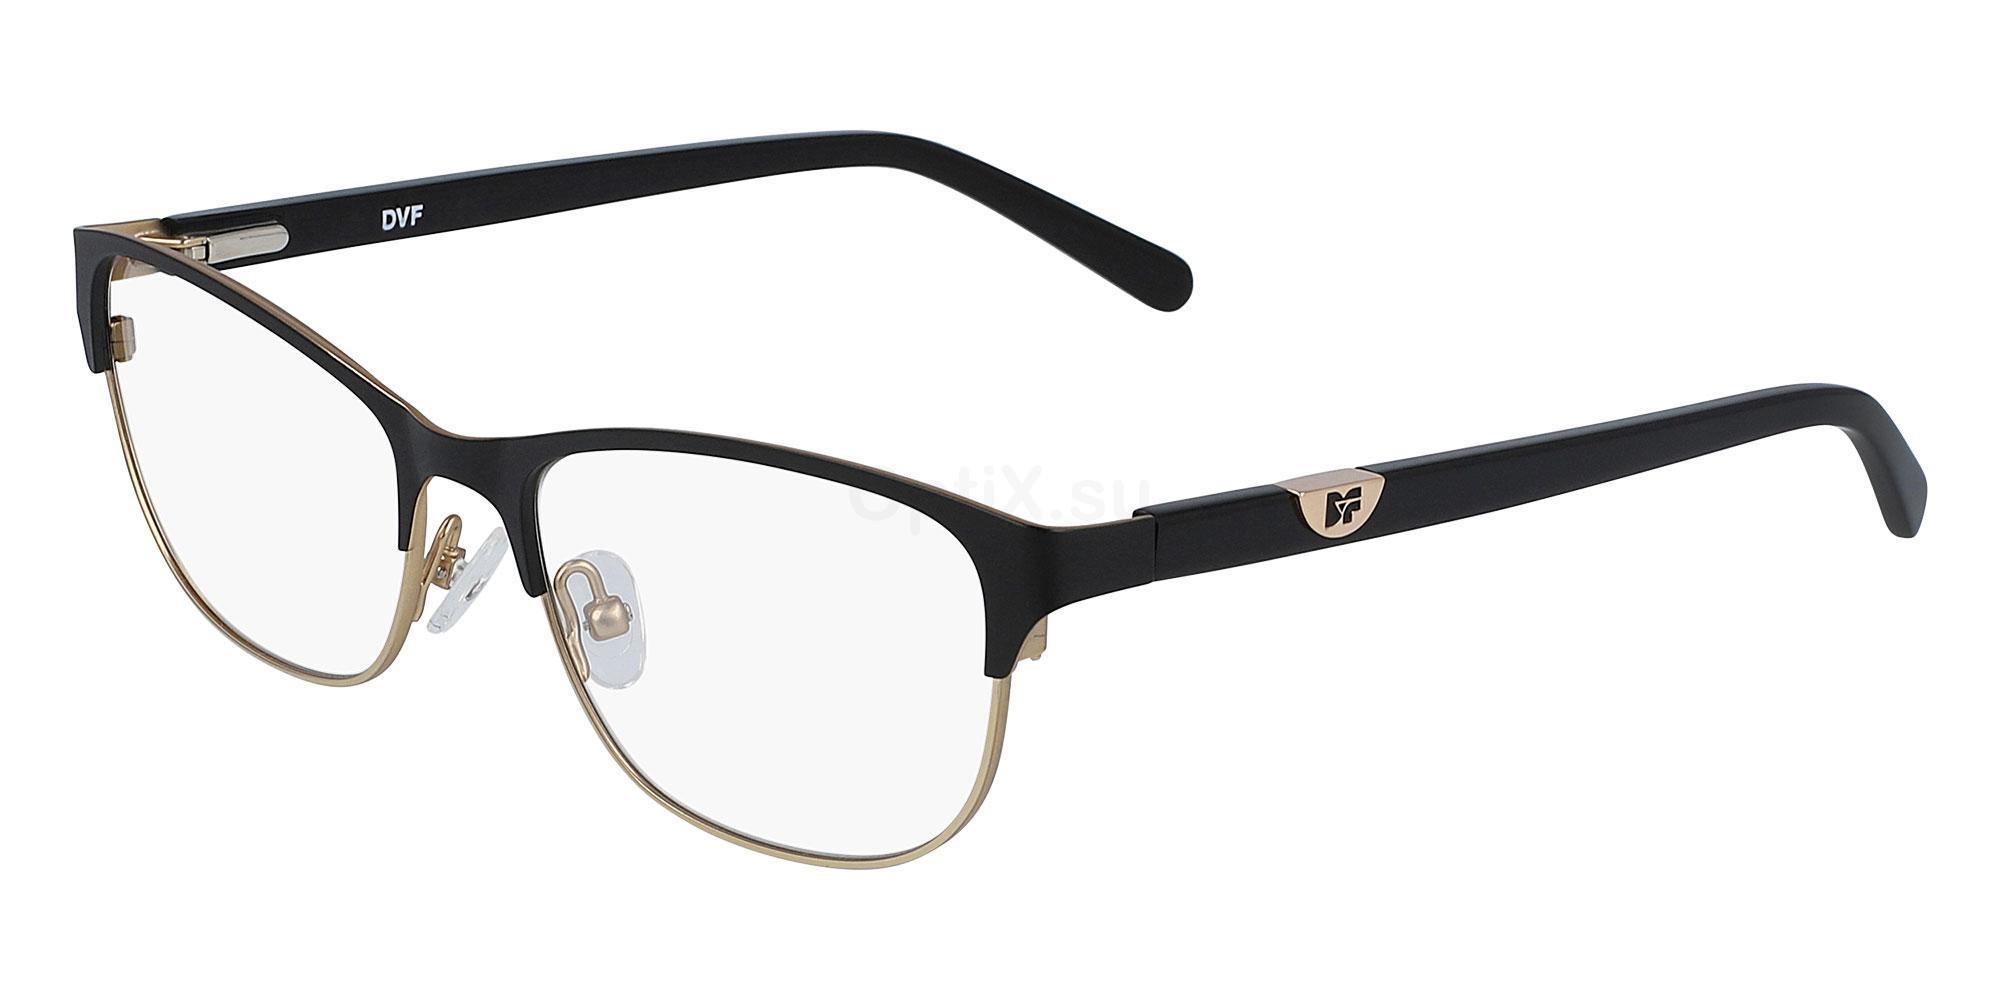 001 DVF8070 Glasses, DVF